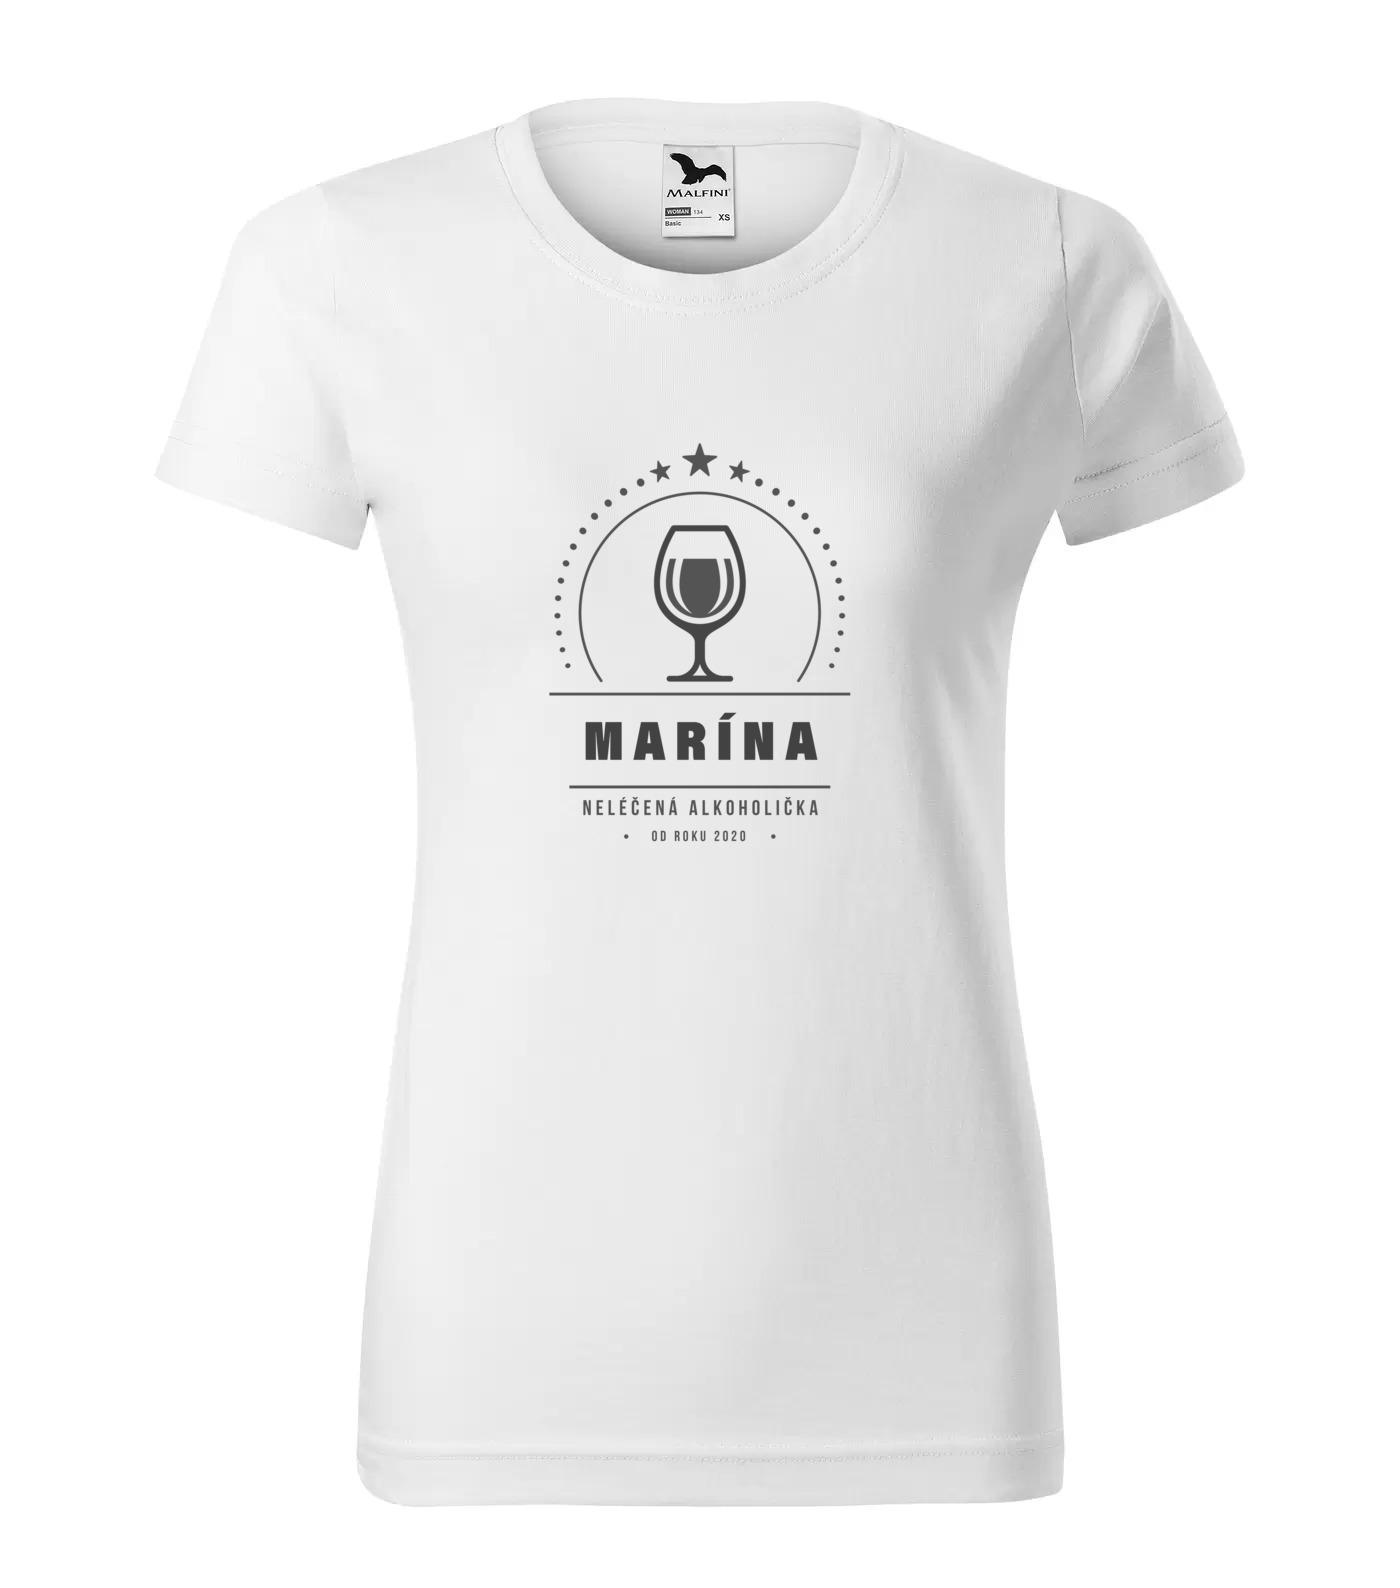 Tričko Alkoholička Marína